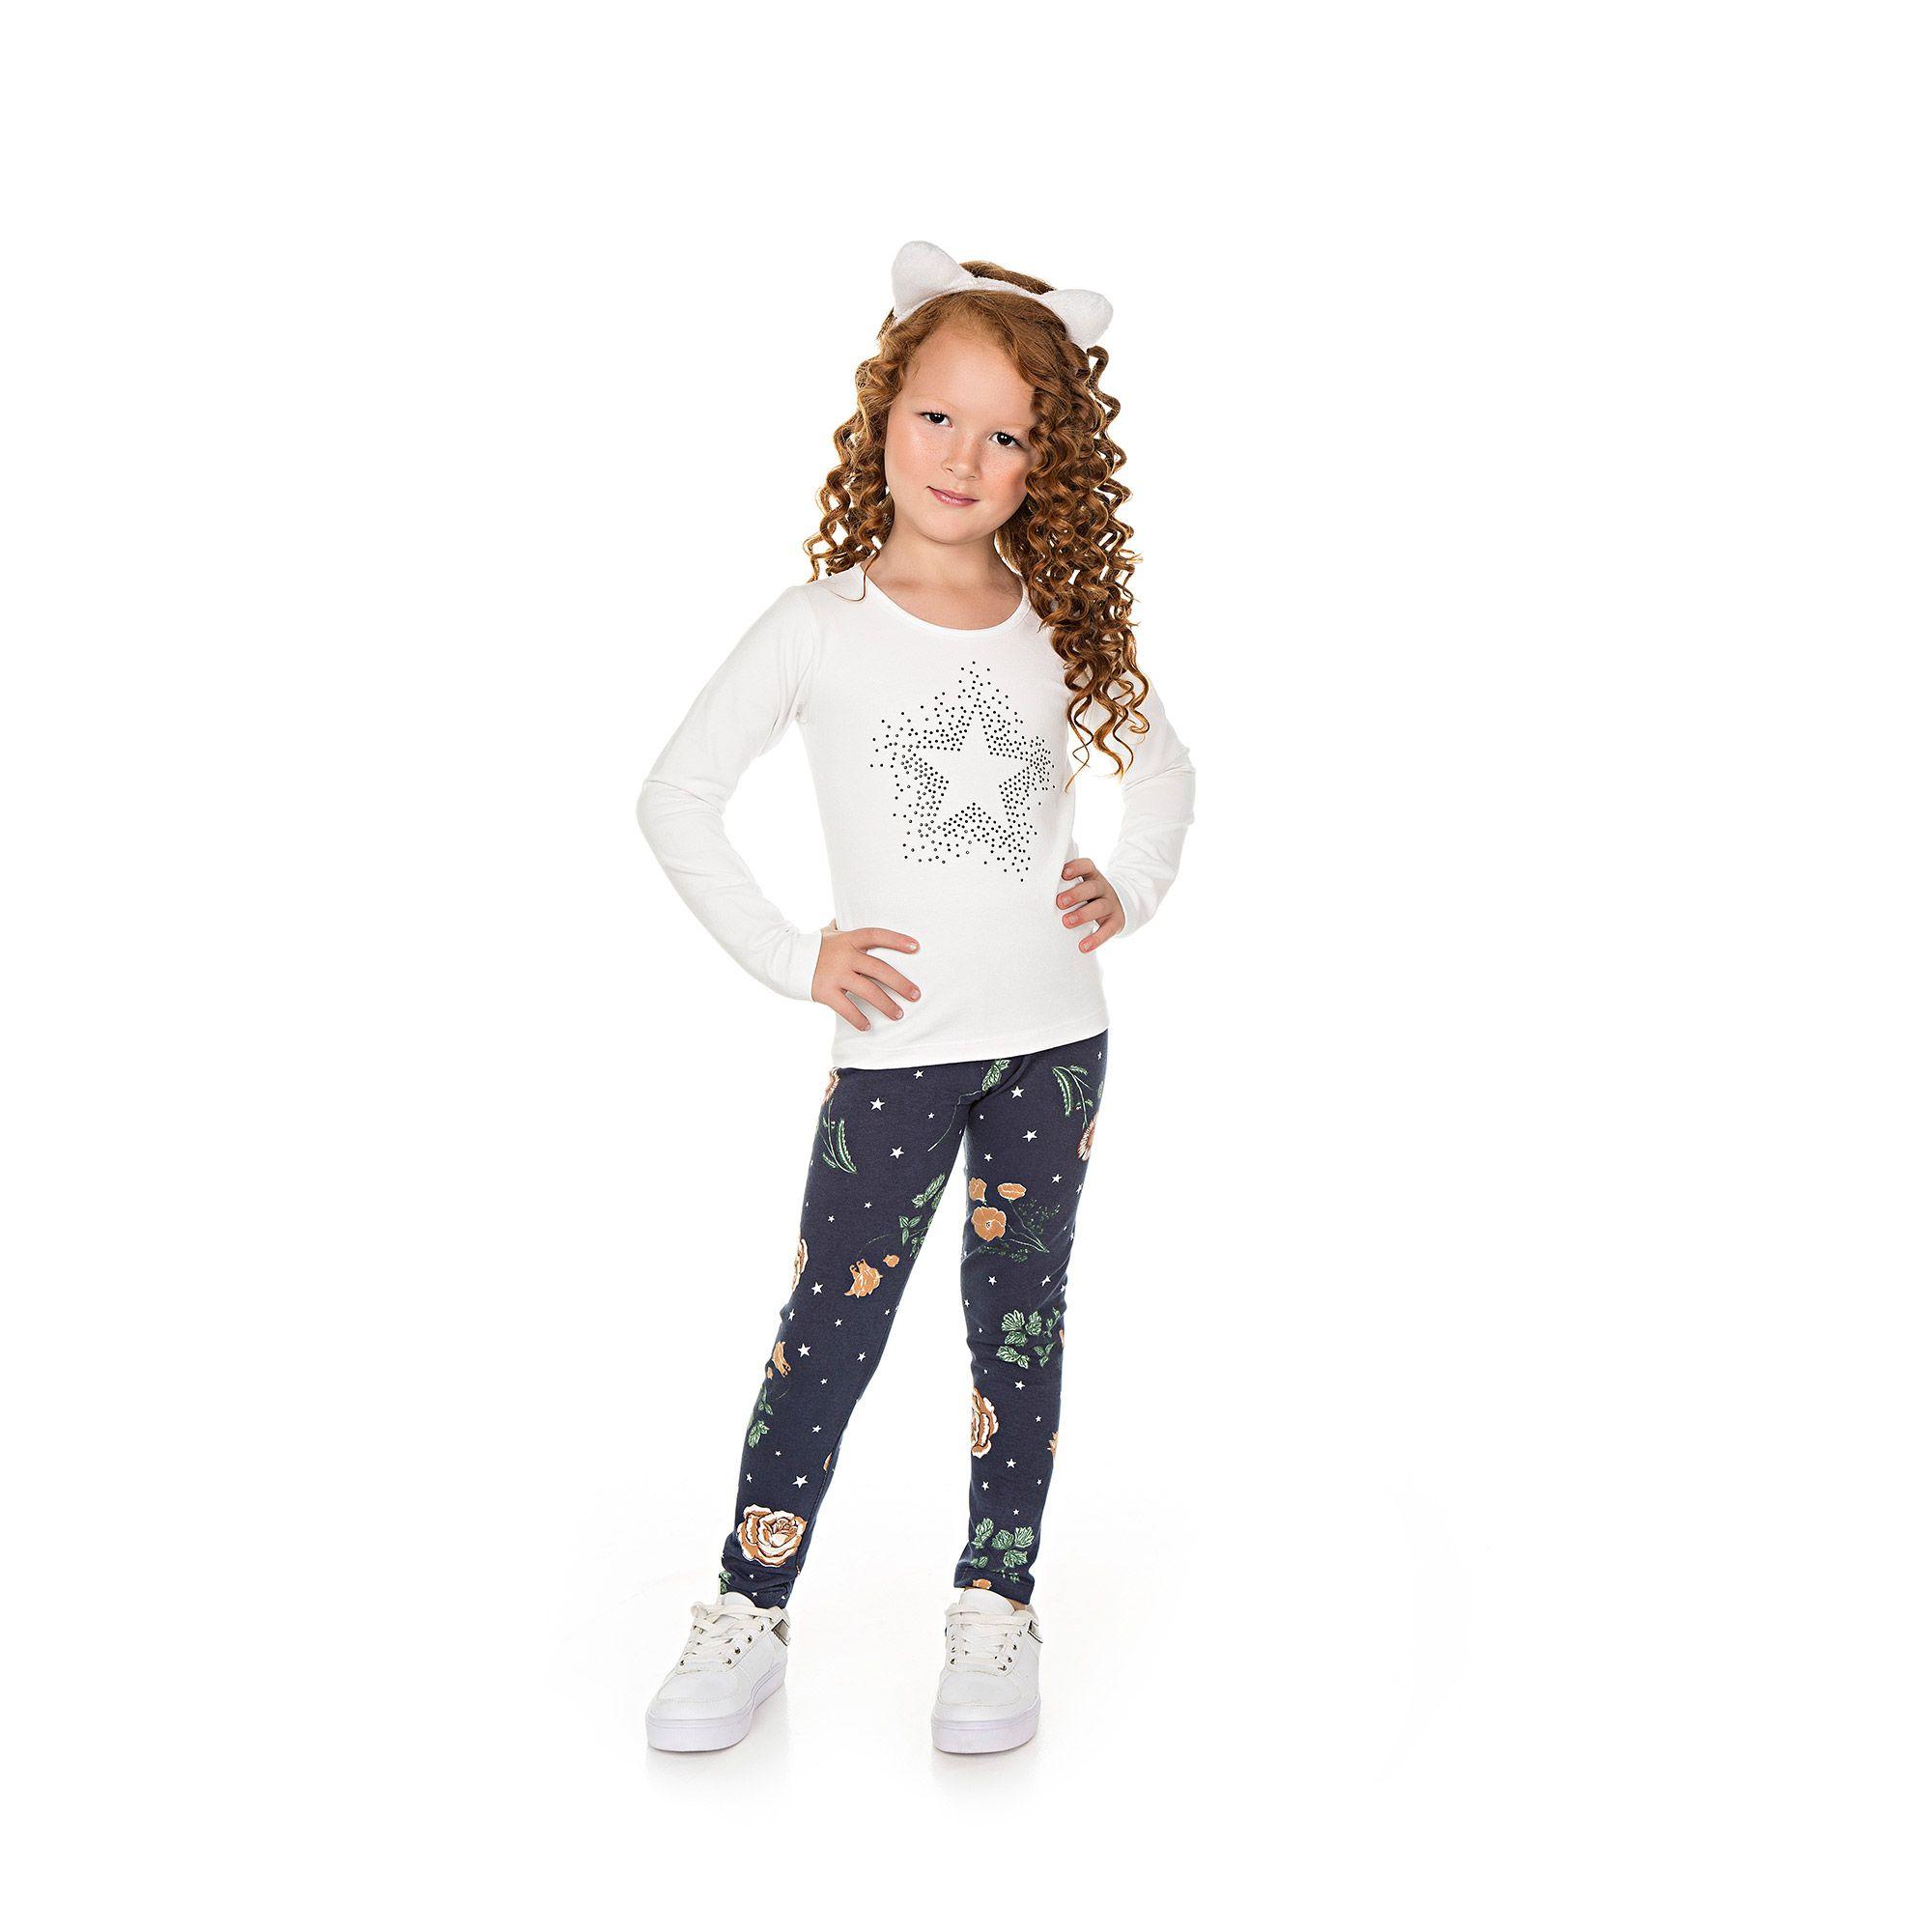 Legging Infantil Feminina - Ref 5010 - E22